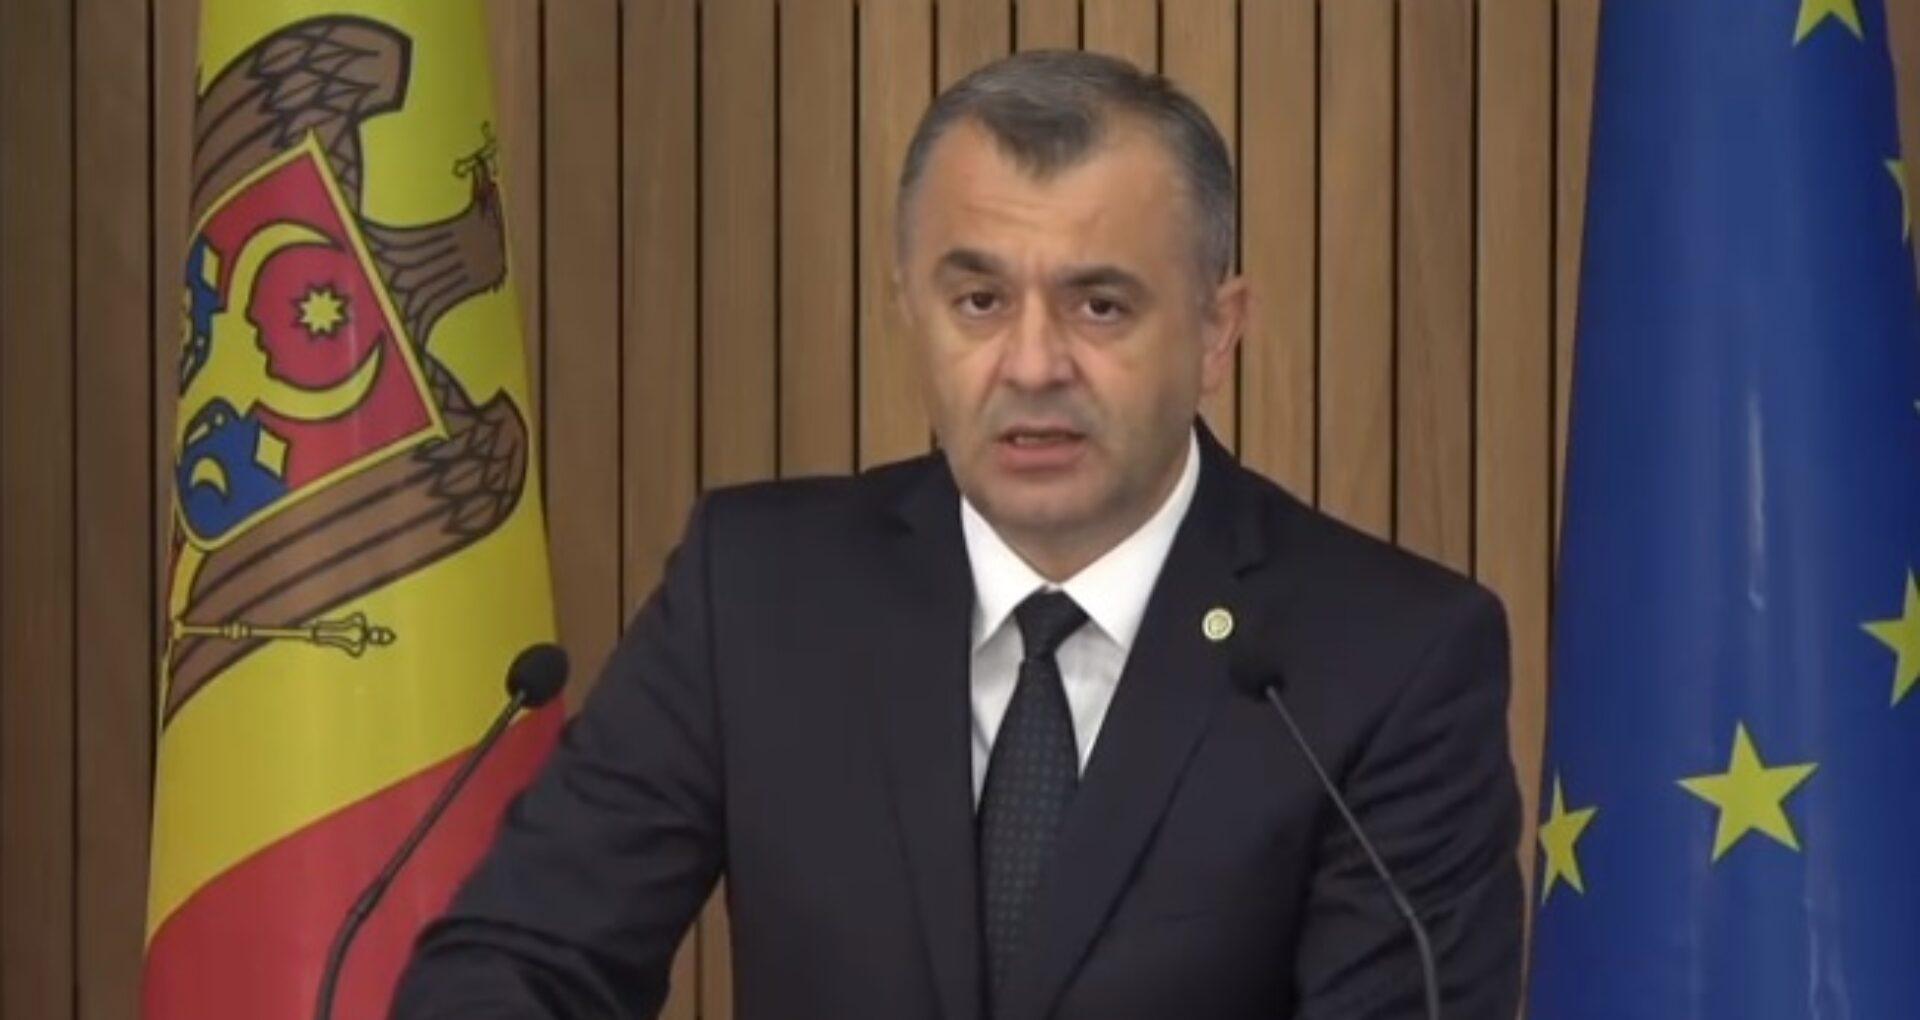 VIDEO/ Ion Chicu mulțumește agricultorilor și spune că suma totală a compensațiilor va ajunge la 1,65 miliarde de lei